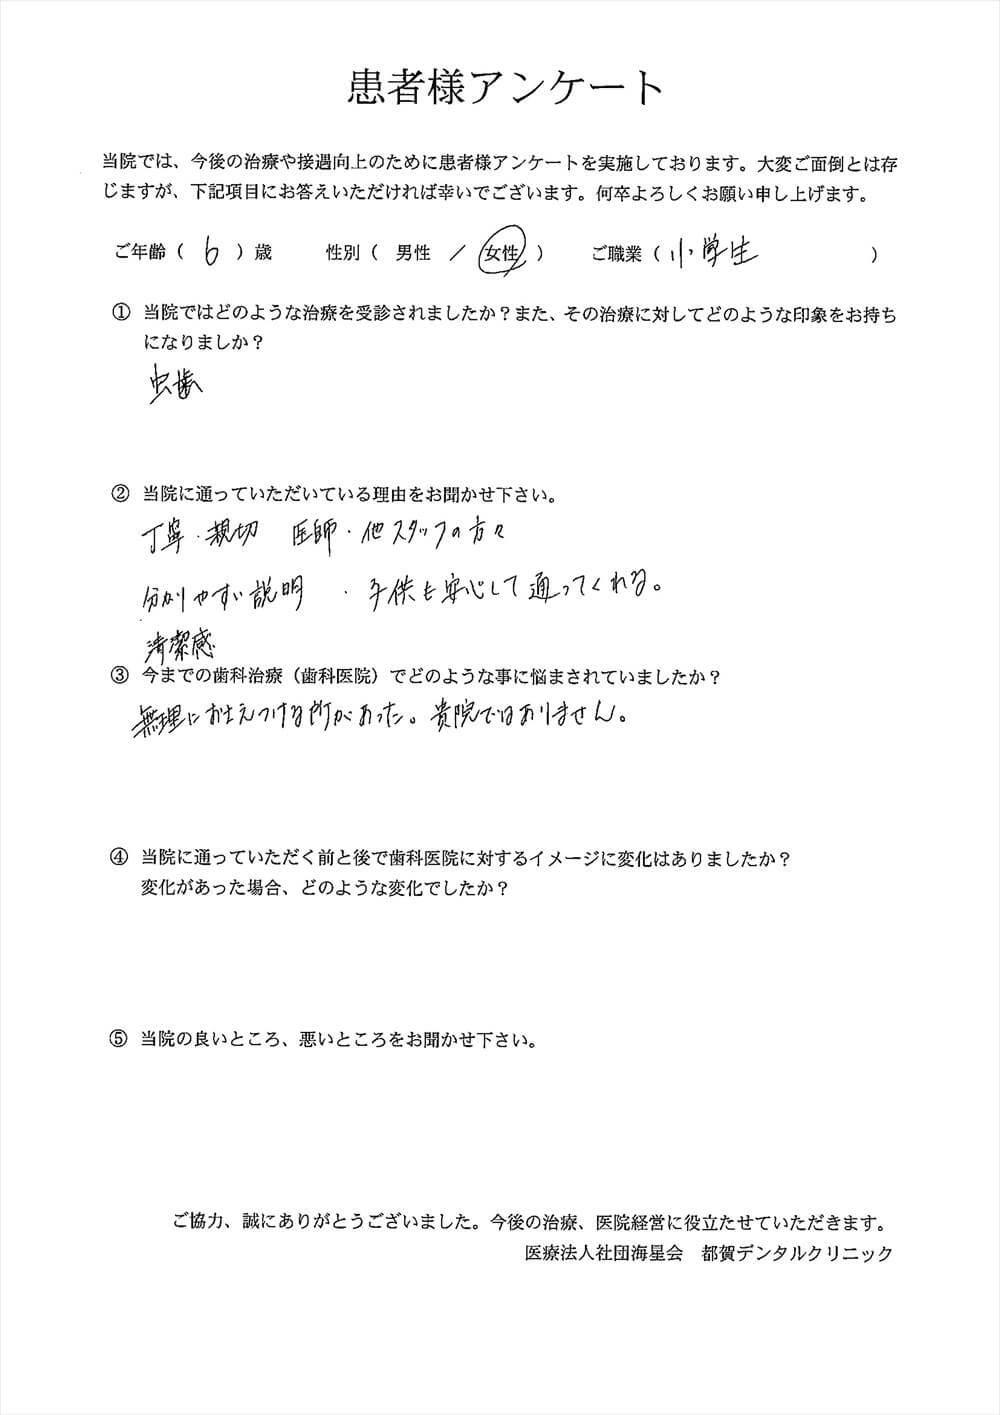 都賀デンタルクリニックの口コミアンケート9